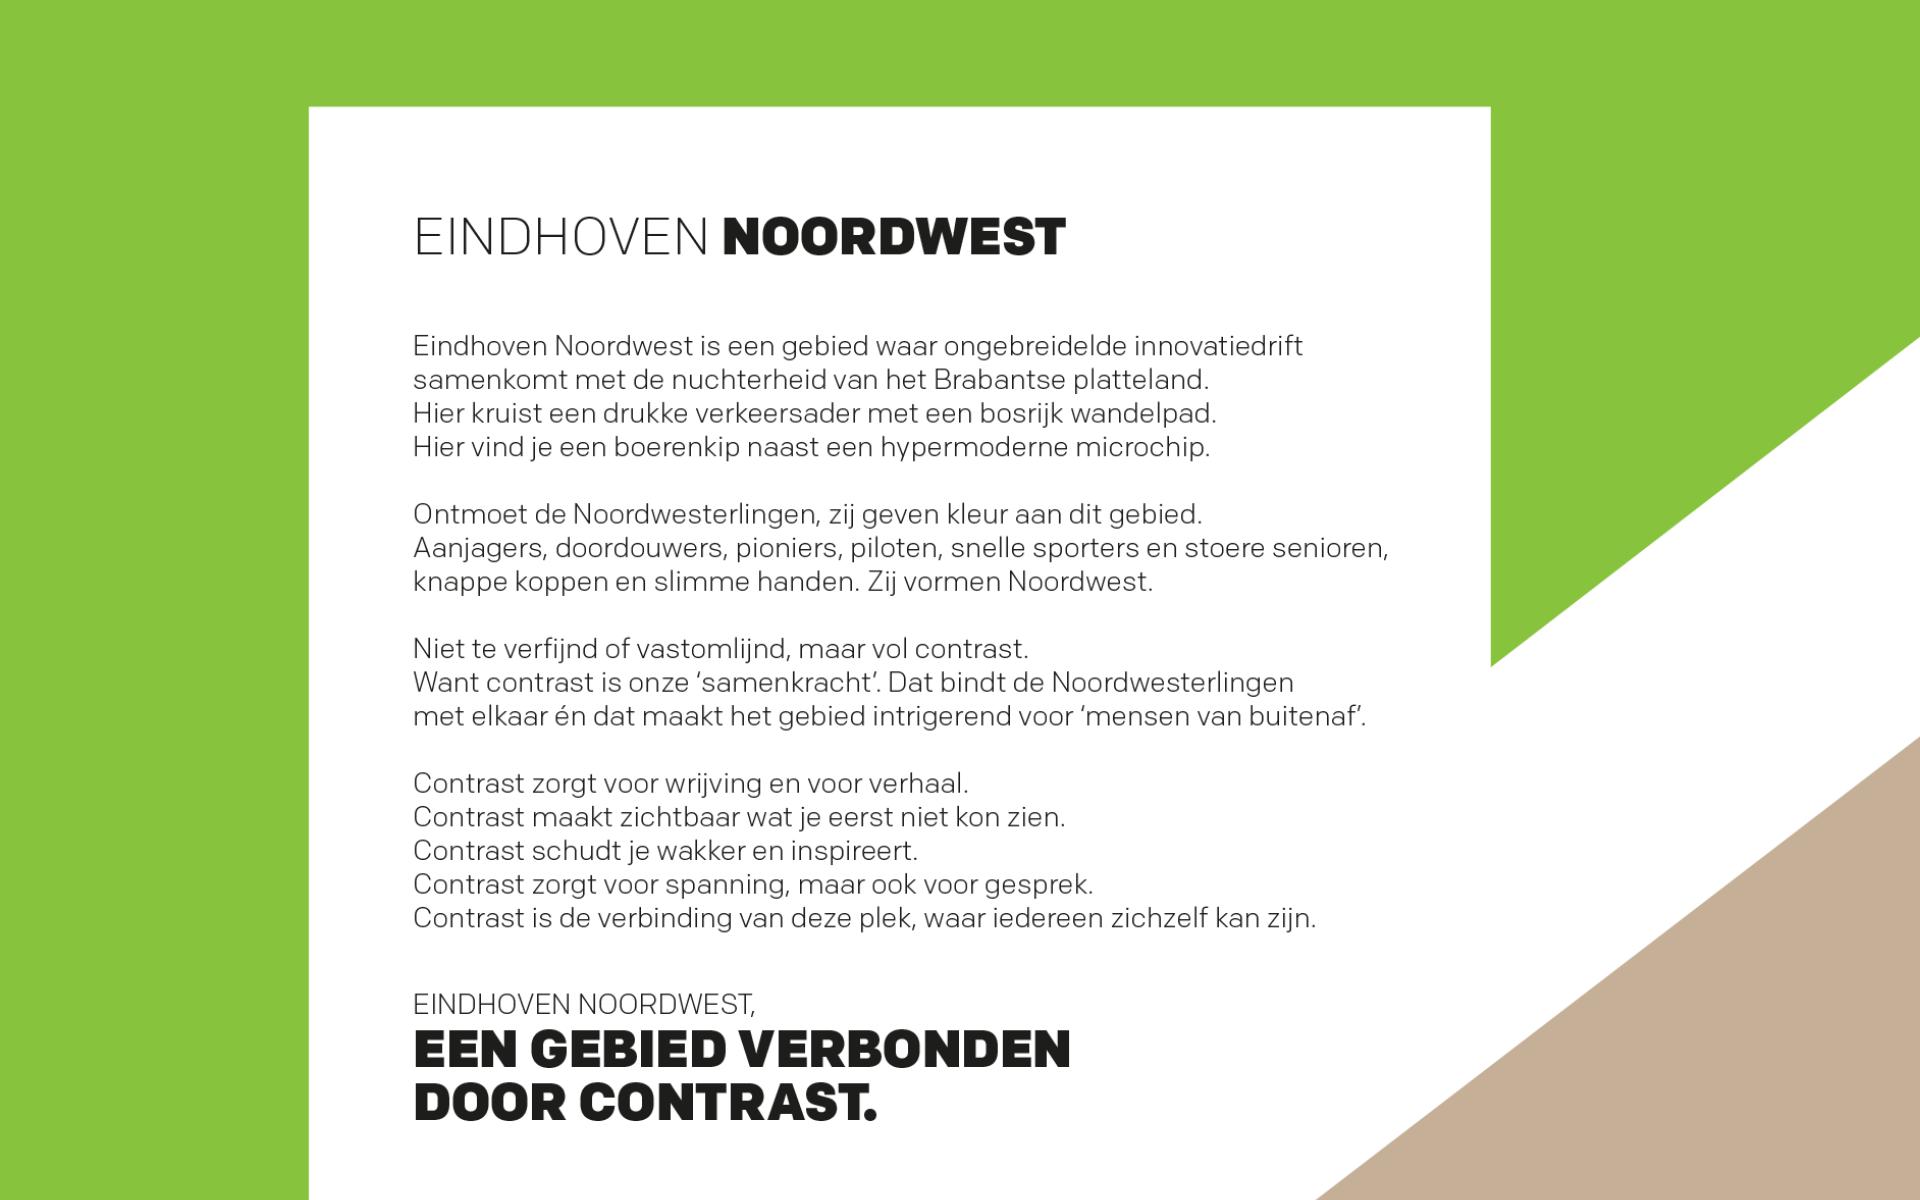 EHNW Eindhoven Noord West gemeente municipality brand design by DAY Creative visual identity chicken